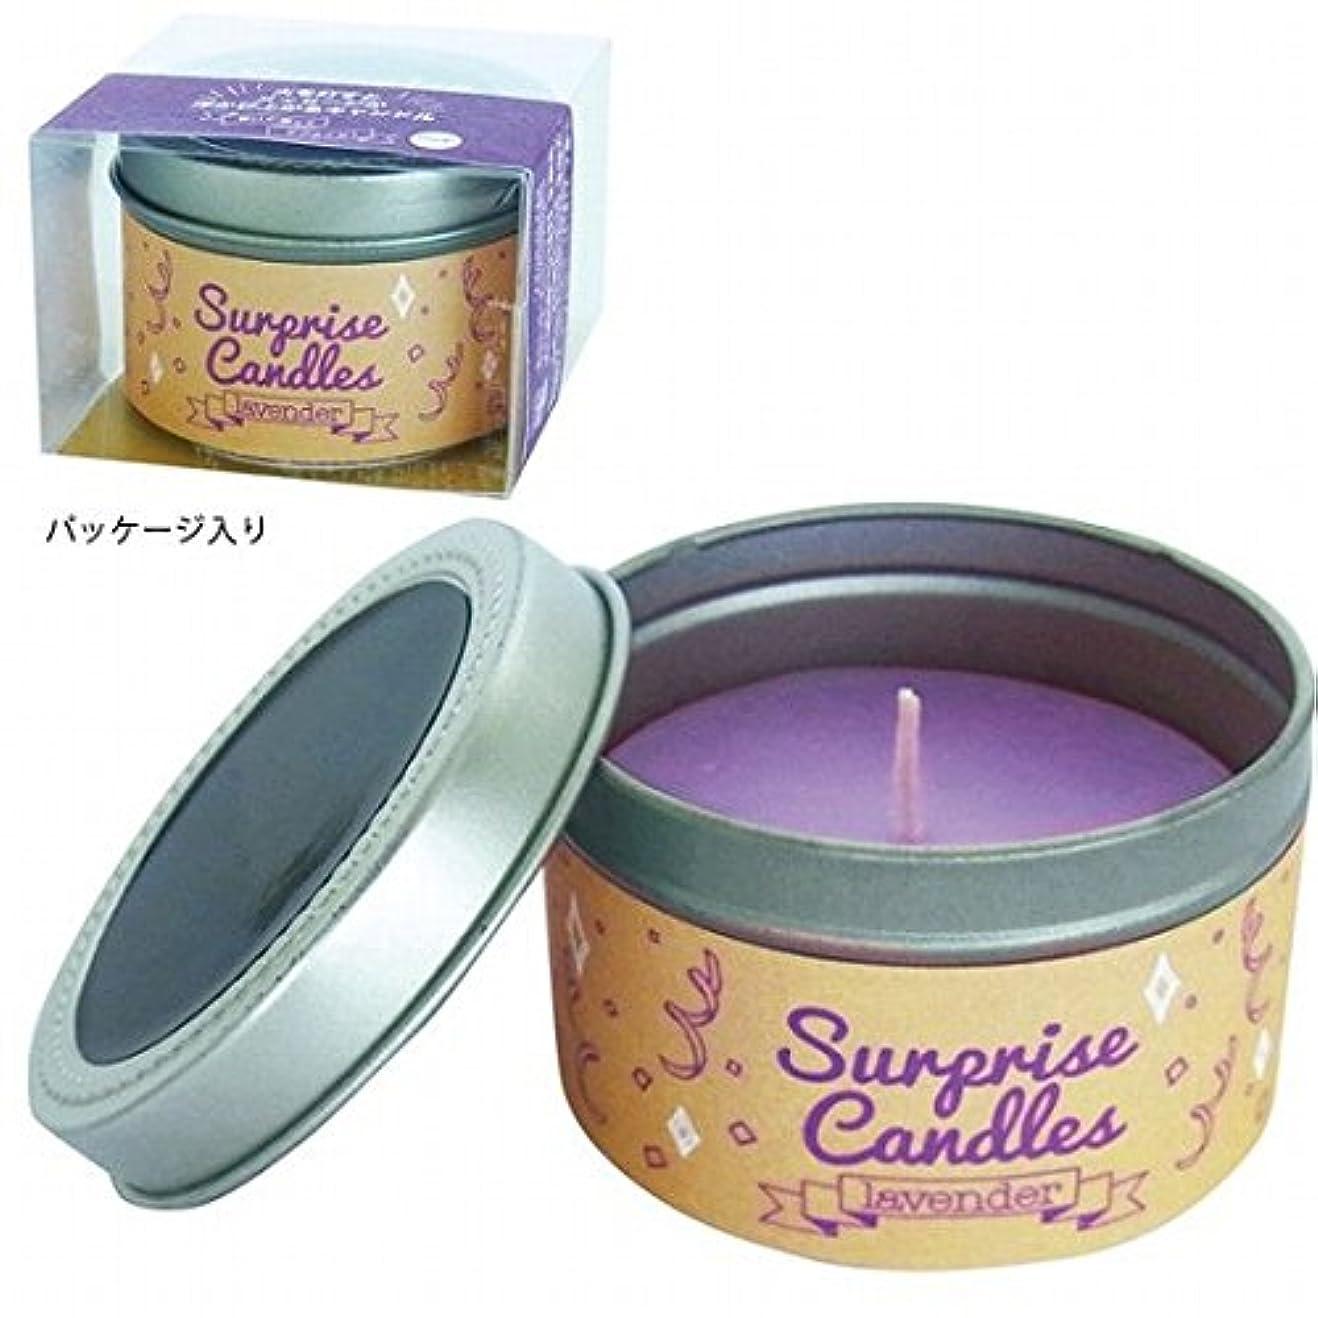 恨み塩オープナーカメヤマキャンドル(kameyama candle) サプライズキャンドル 「ラベンダー」